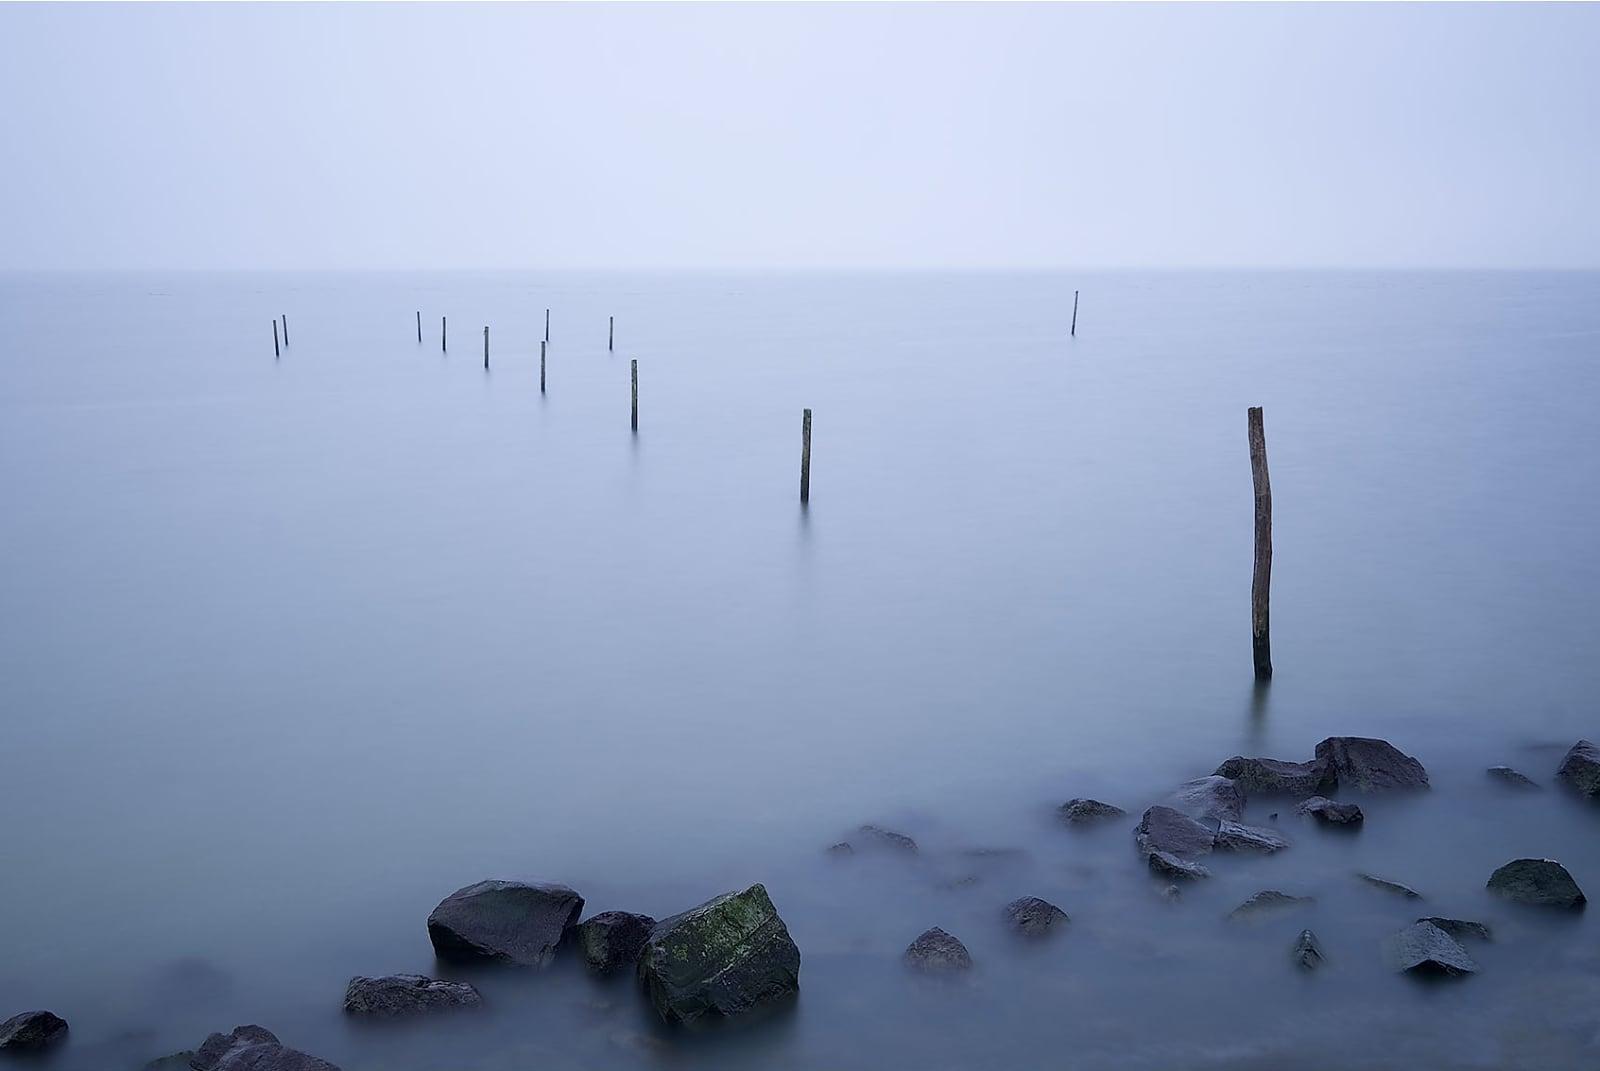 foto: © Jan Duker - Kust en Zee, palen in mistige zee